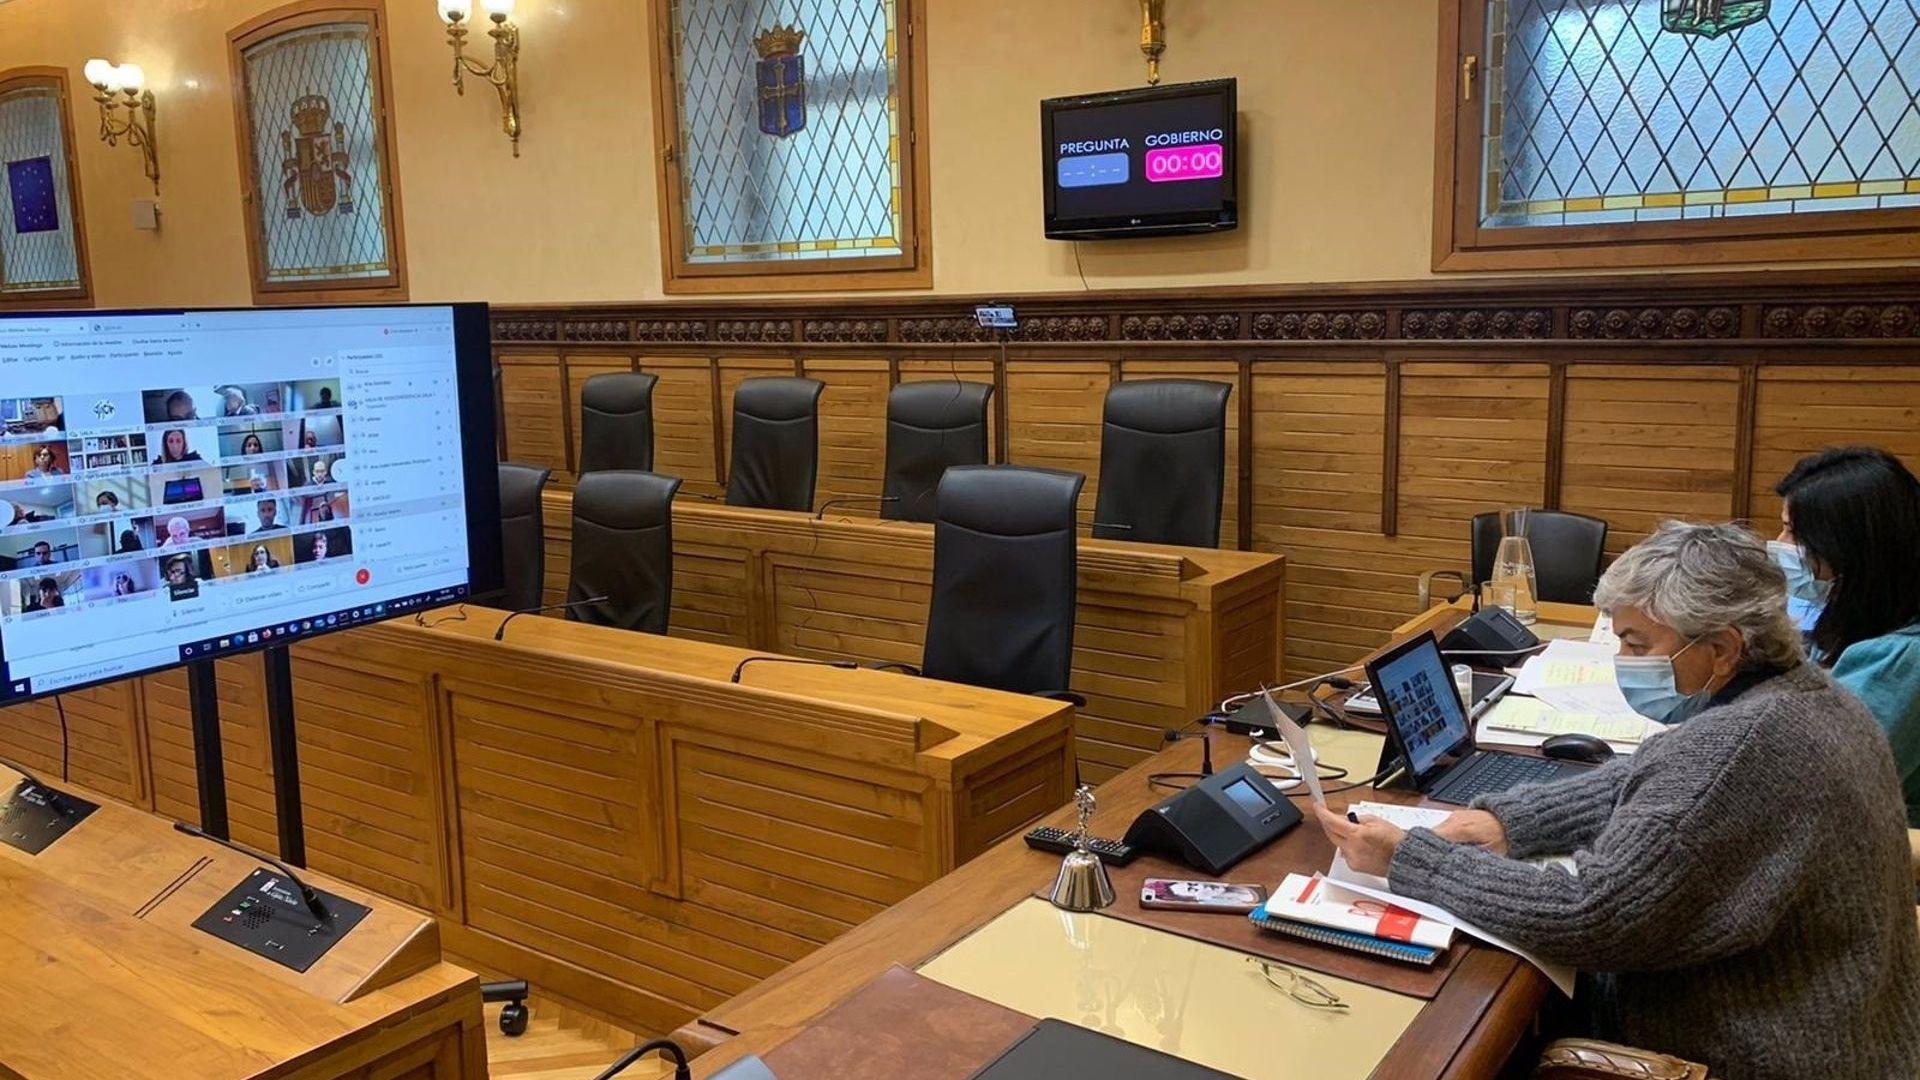 La alcaldesa, Ana González, durante el pleno telemático del Ayuntamiento de Gijón